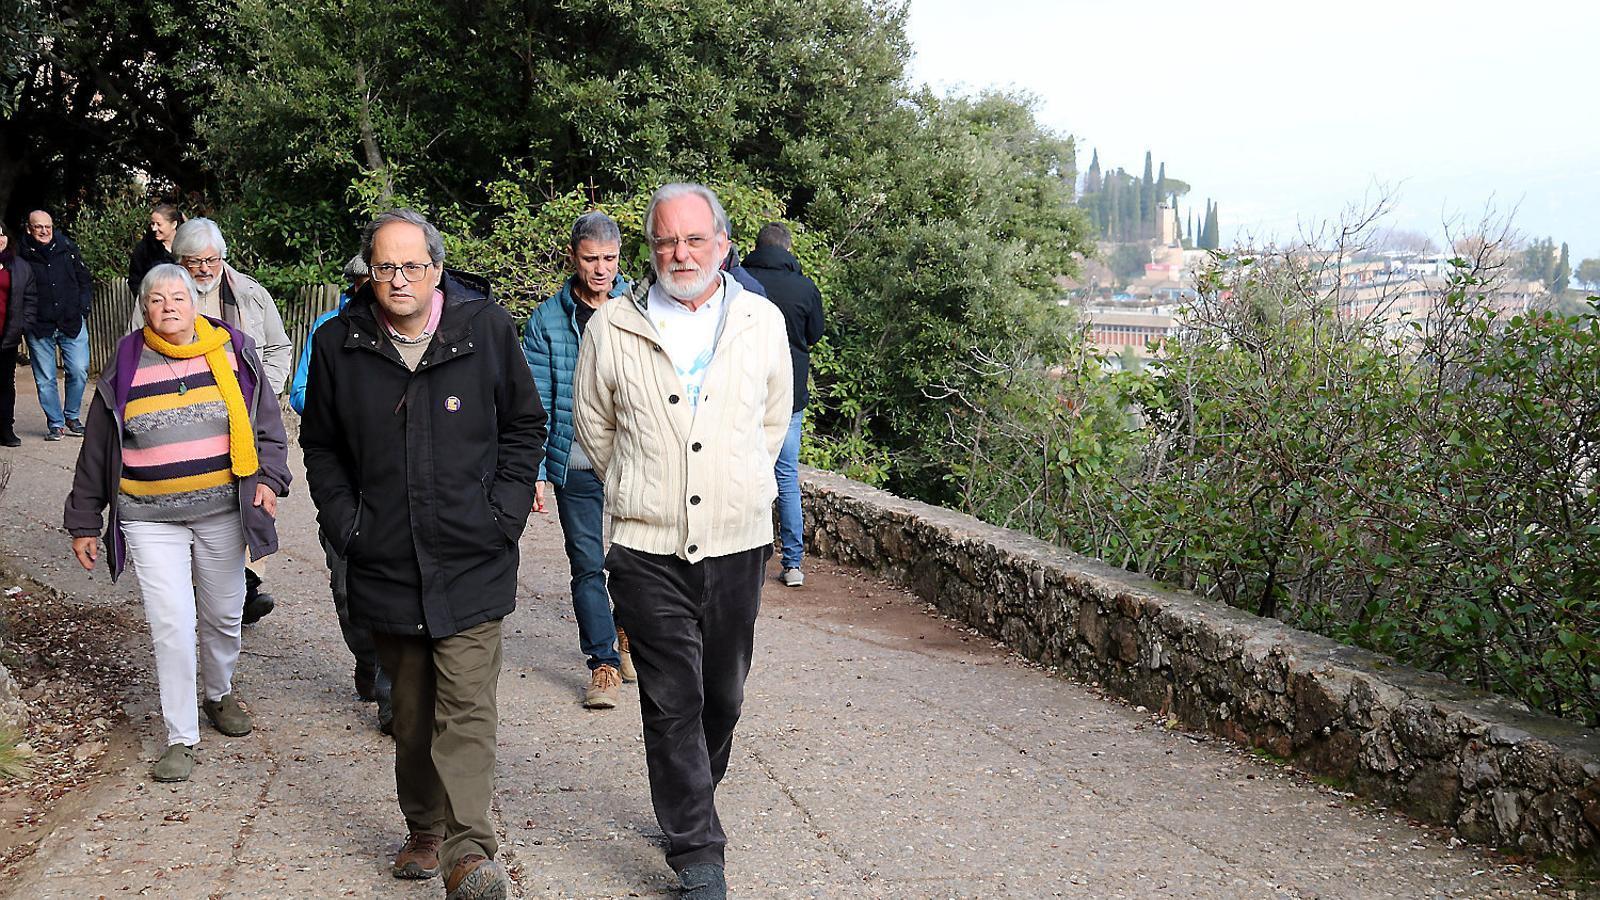 El president de la Generalitat, Quim Torra, passejant pel camí de Sant Miquel fins a Montserrat.